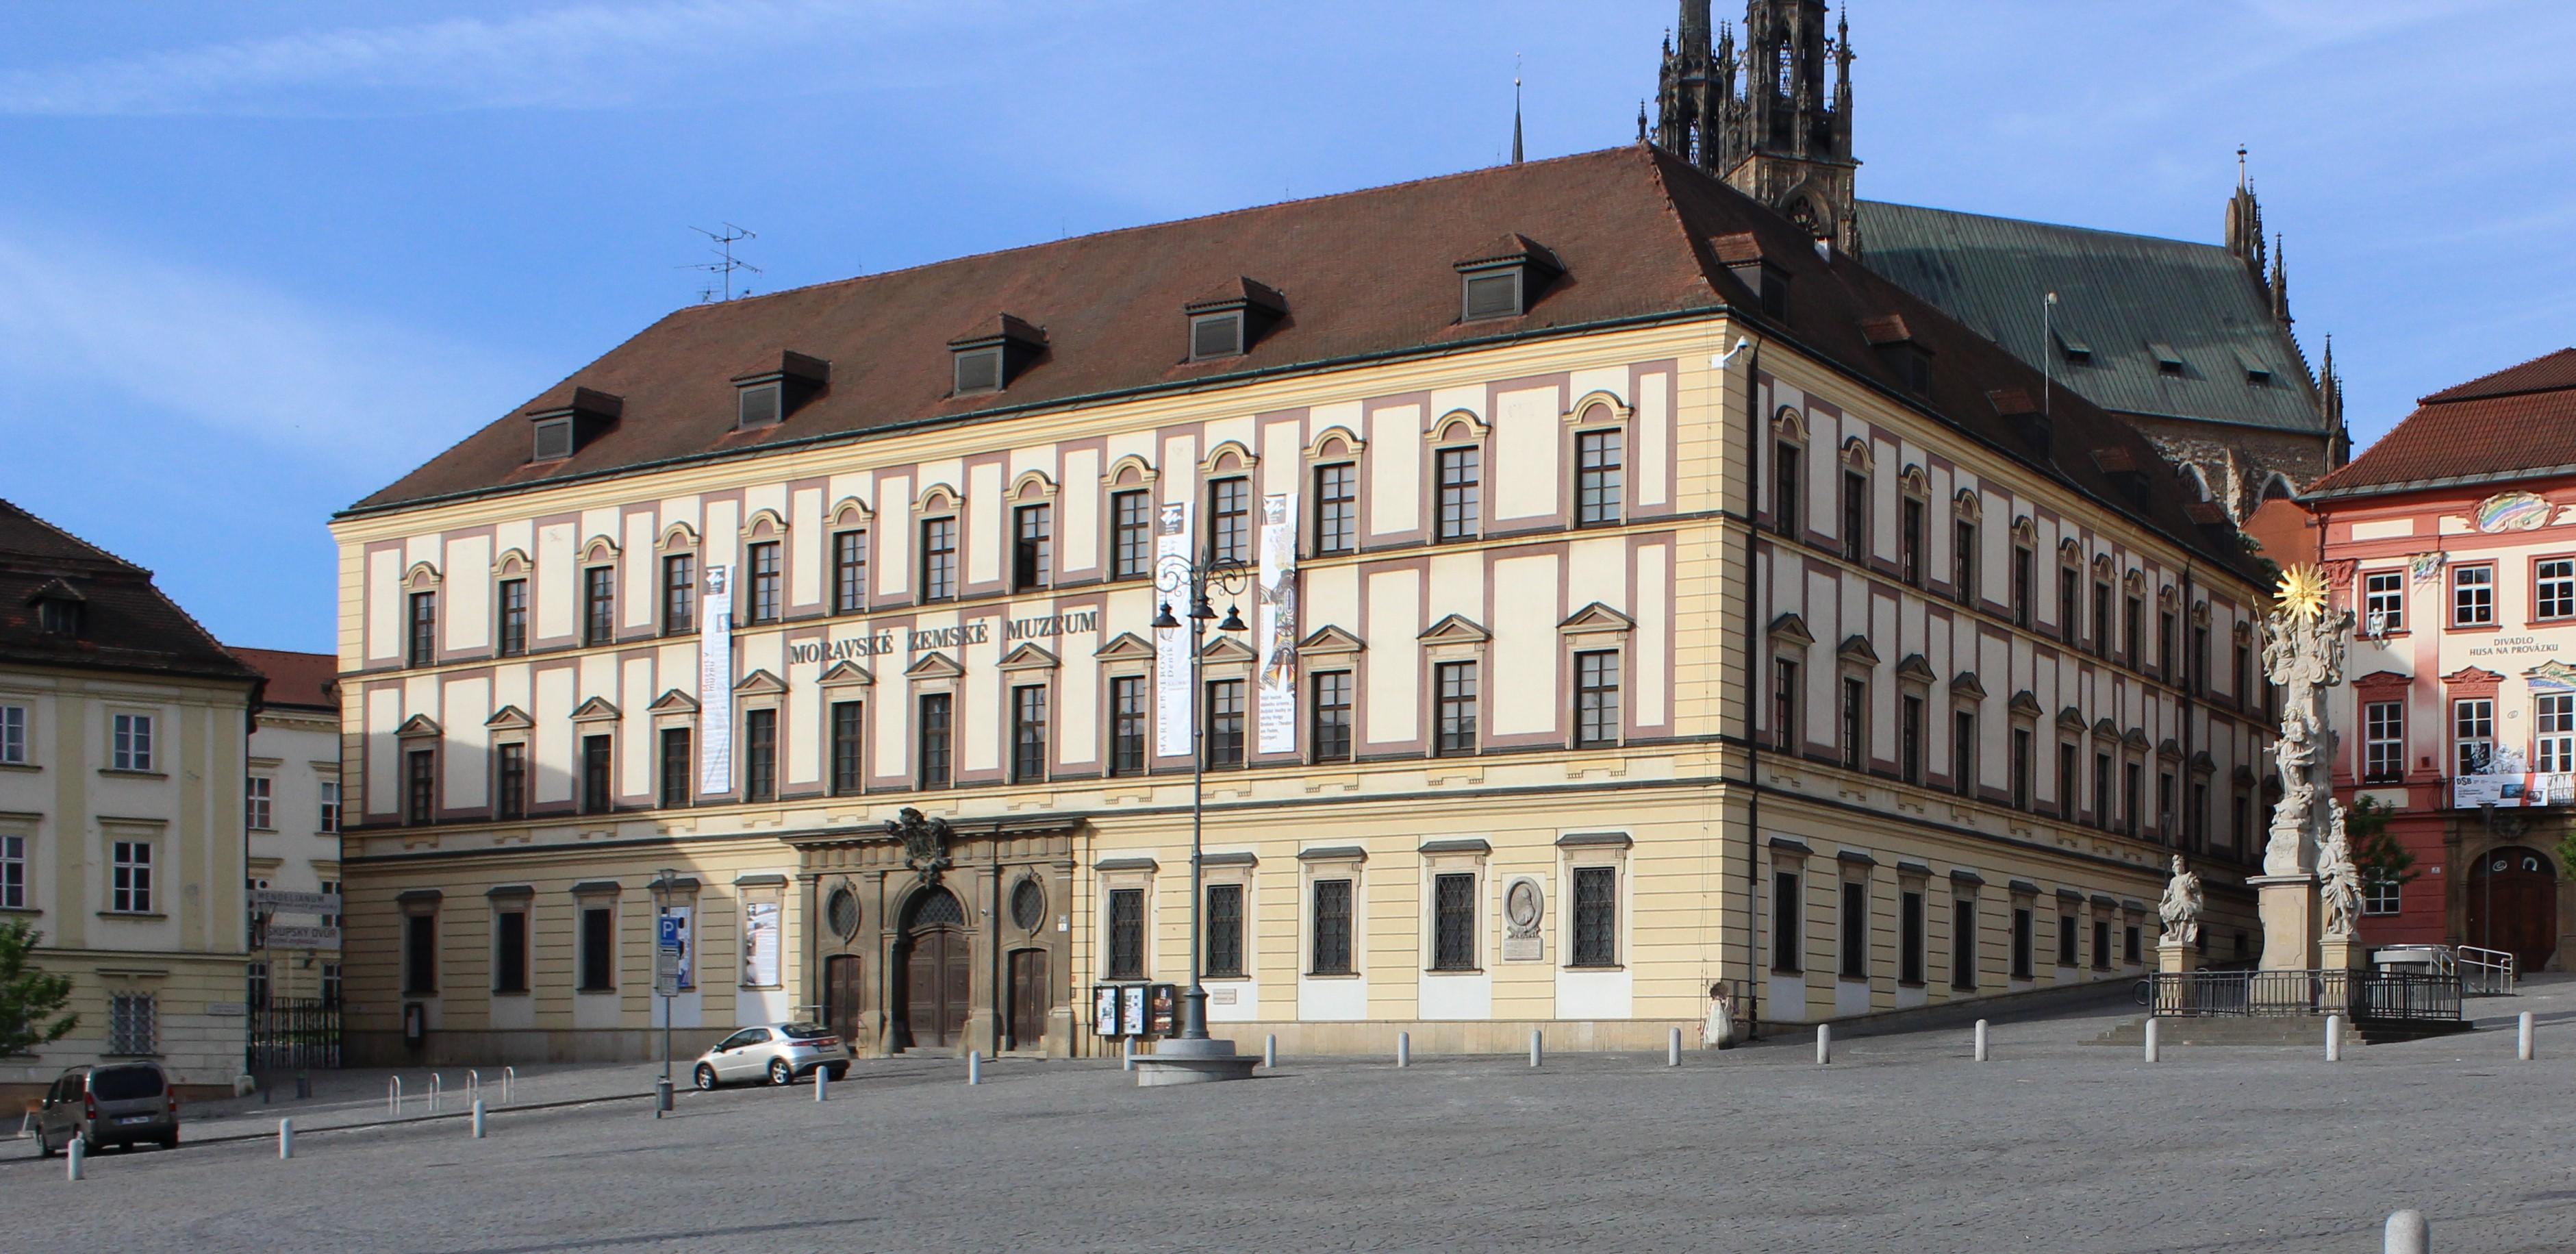 Moravian Museum - Palais prince of Dietrichstein, Brno, 2016.